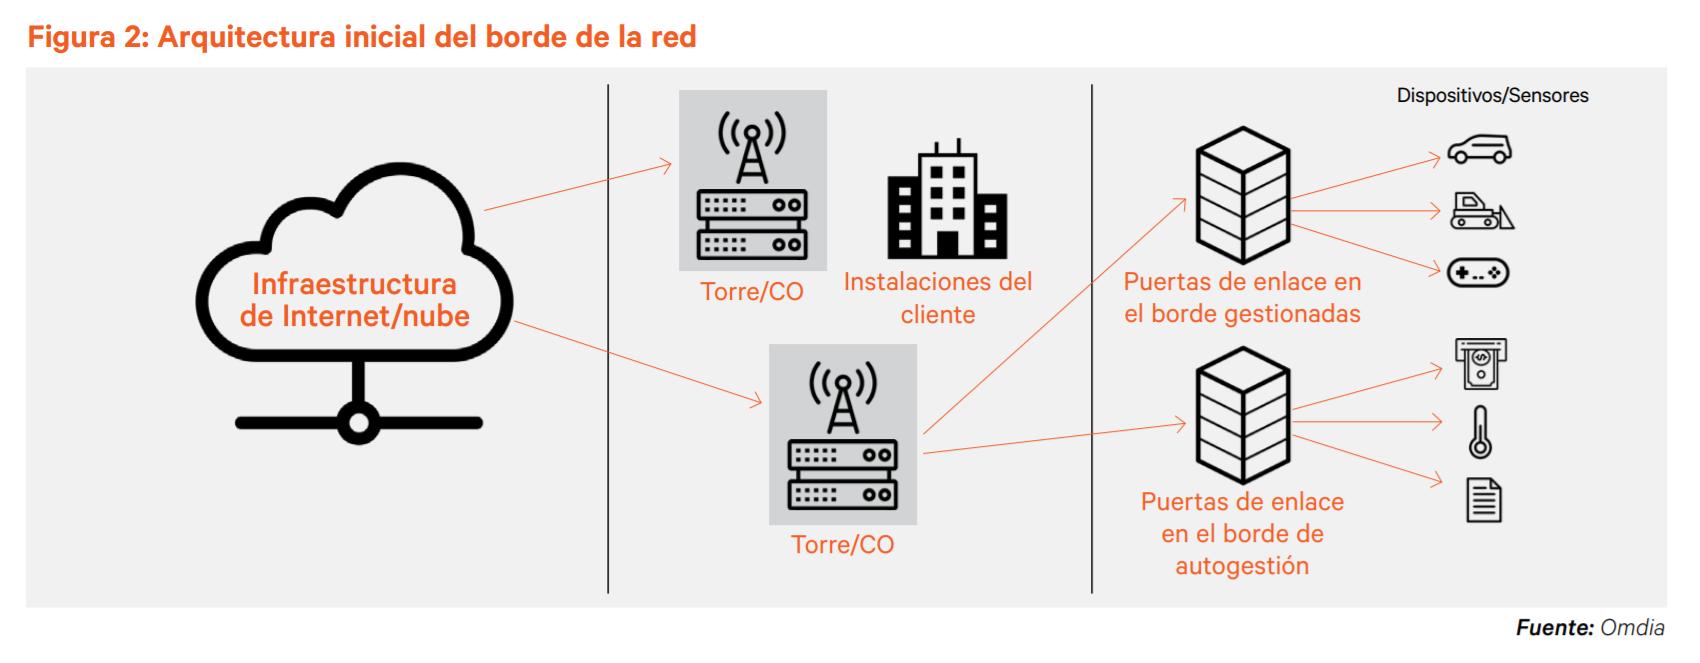 Infografía- borde de red y dispositivos inteligentes (1)